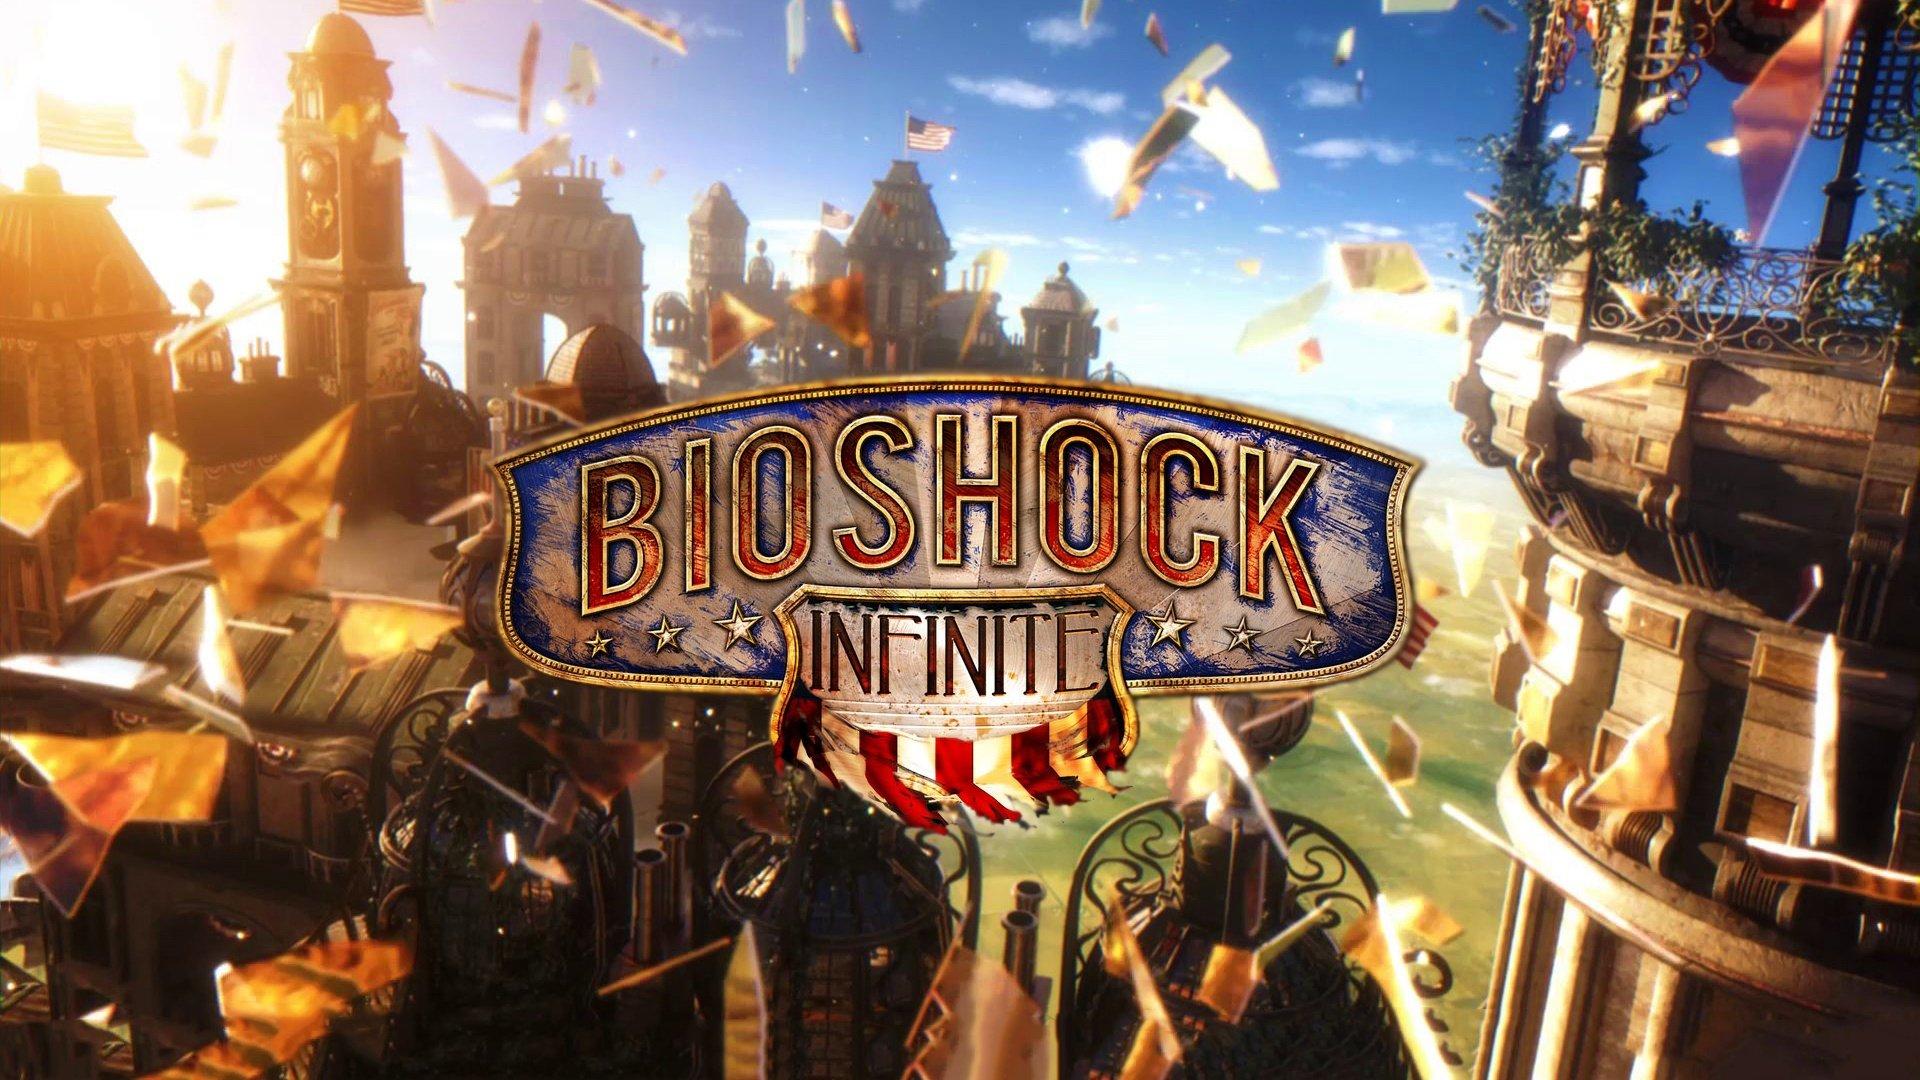 Продолжается сбор подписей под петицией с просьбой выпустить книгу по мотивам Bioshock Infinite. - Изображение 1